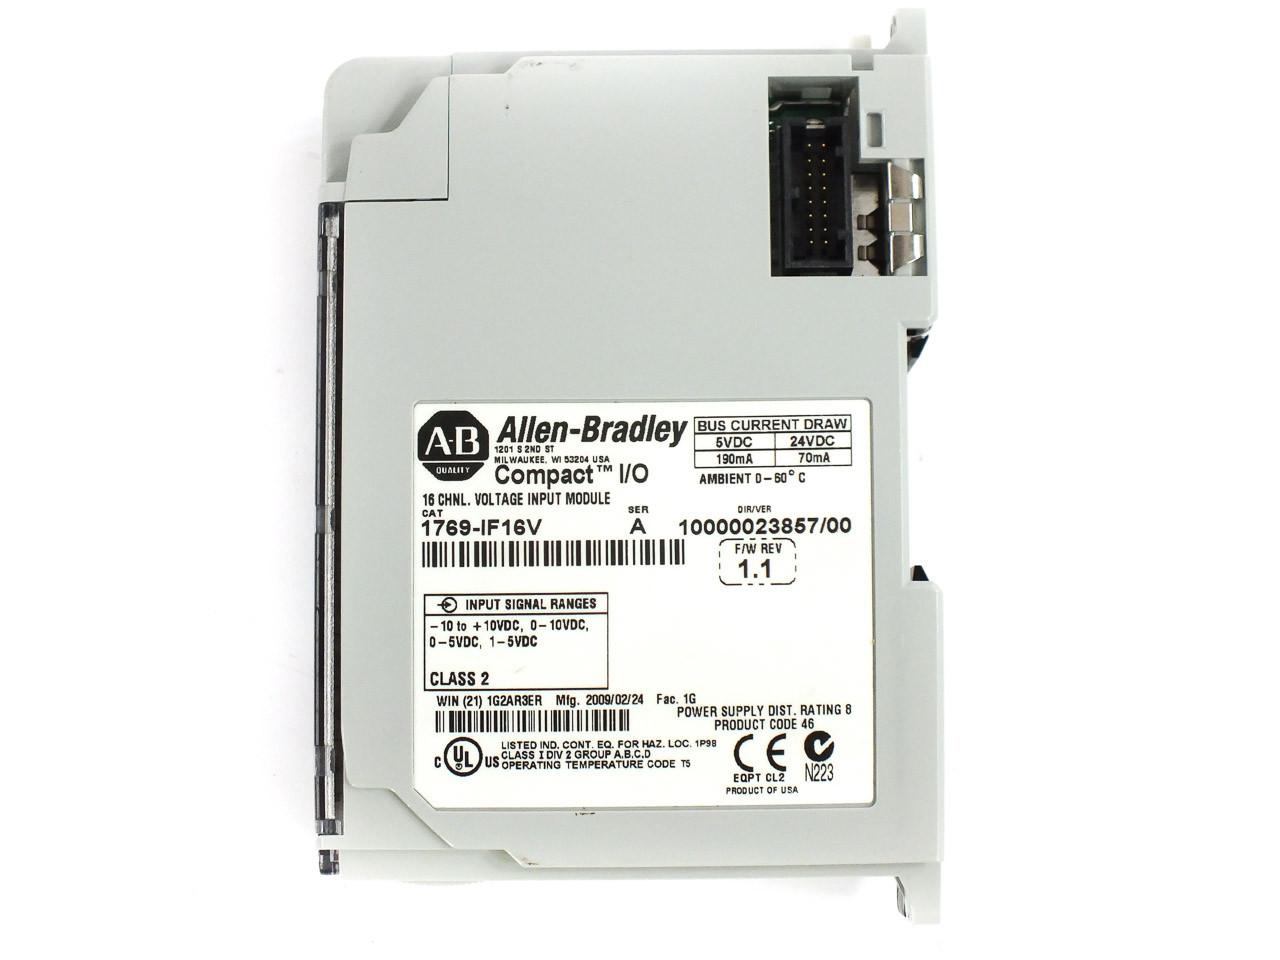 Allen - Bradley 1769-IF16V AB 16 Channel Voltage Input Module